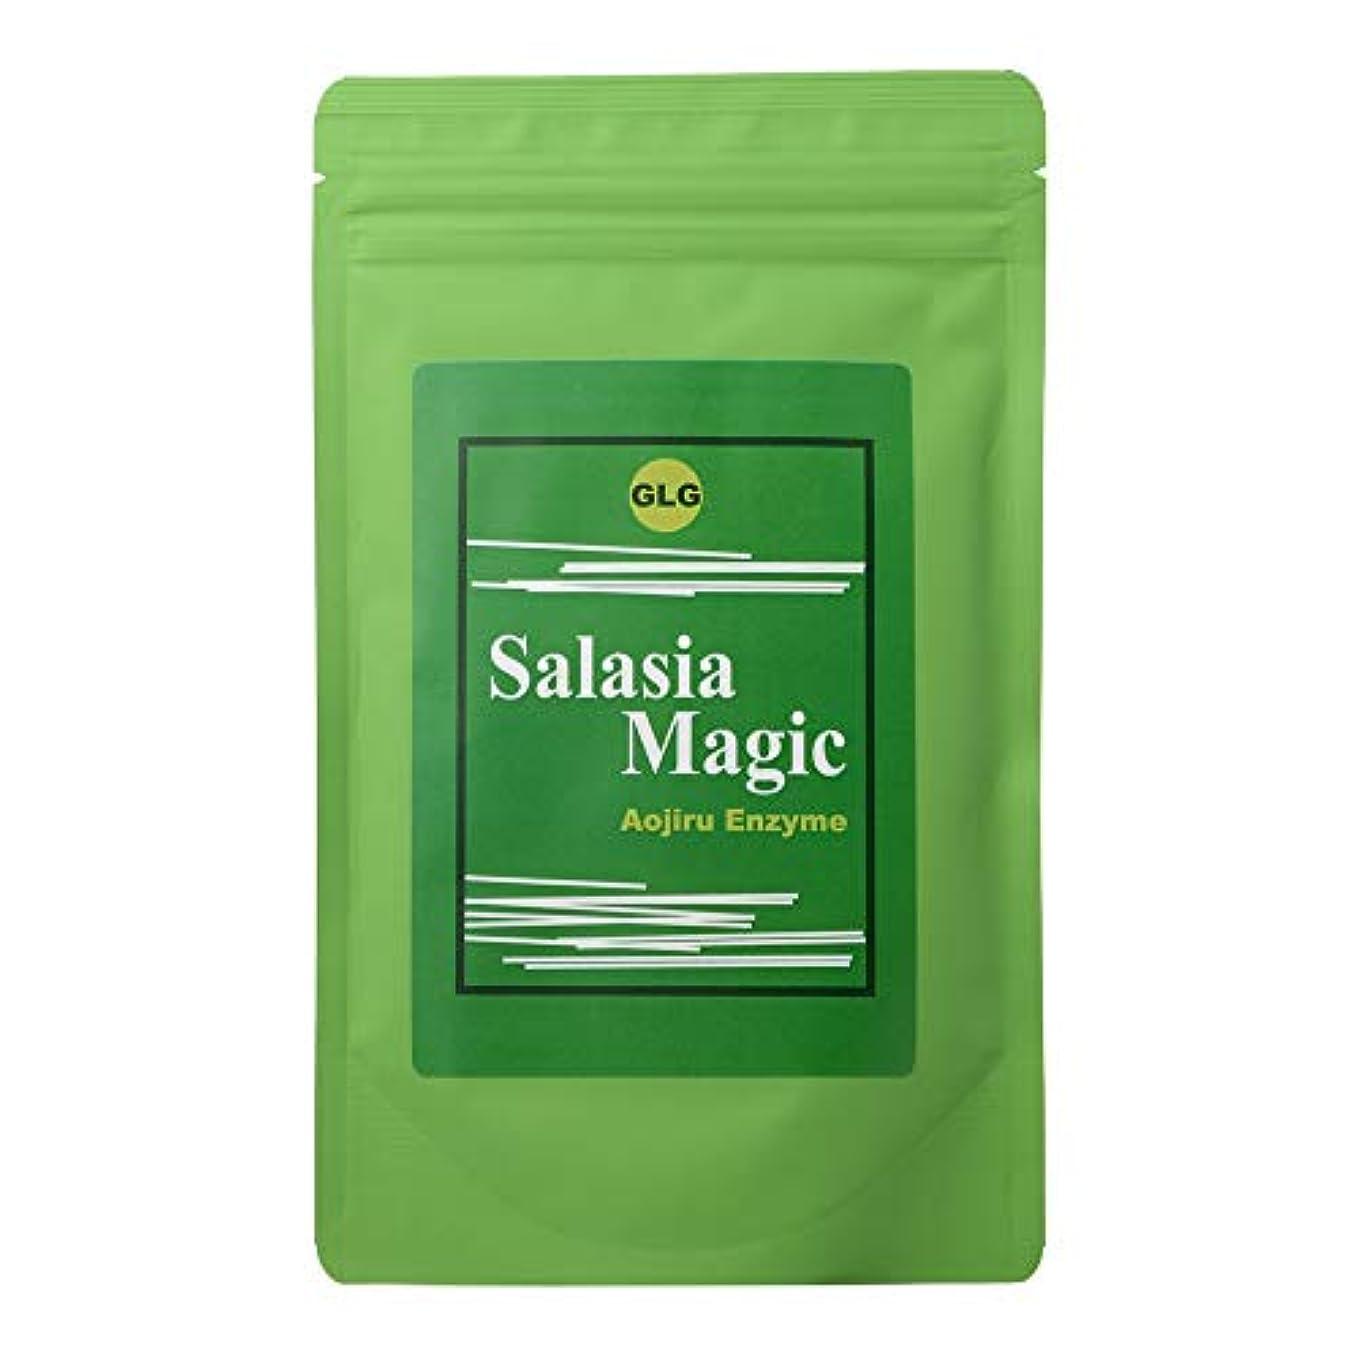 抑止する大統領彫るサラシアマジック 青汁酵素 (ダイエットドリンク) お茶 健康飲料 粉末 [内容量150g/ 説明書付き]